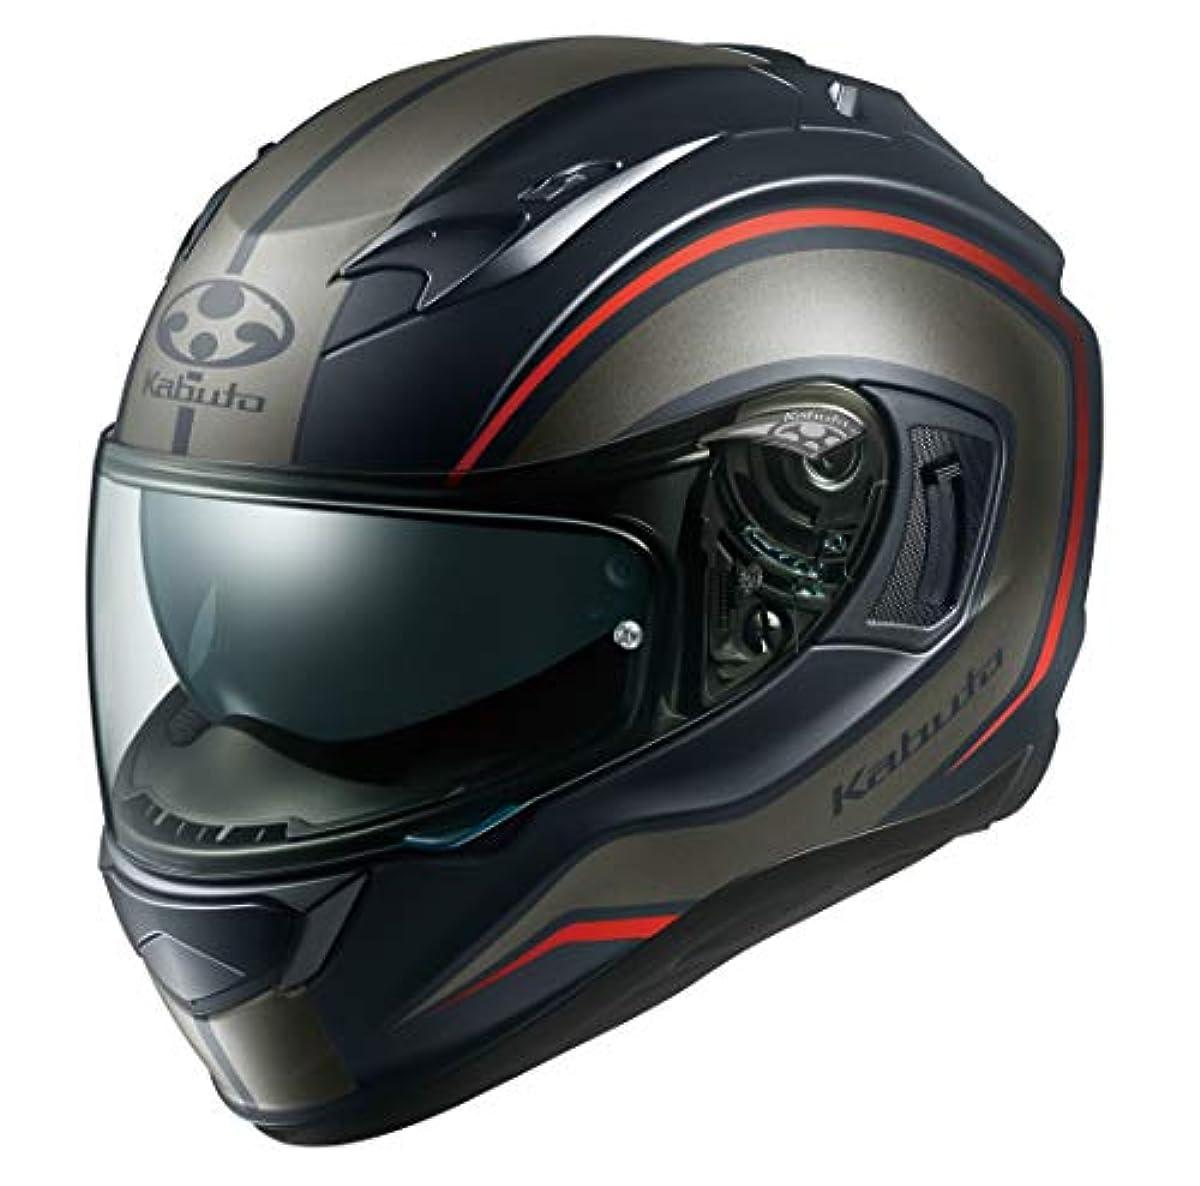 [해외] OG K (카부)카브도(OGK KABUTO)오토바이 헬멧 풀 페이스 KAMUI3 NACK(낫쿠) 플랫 블랙 그레이 (사이즈:S) 584917